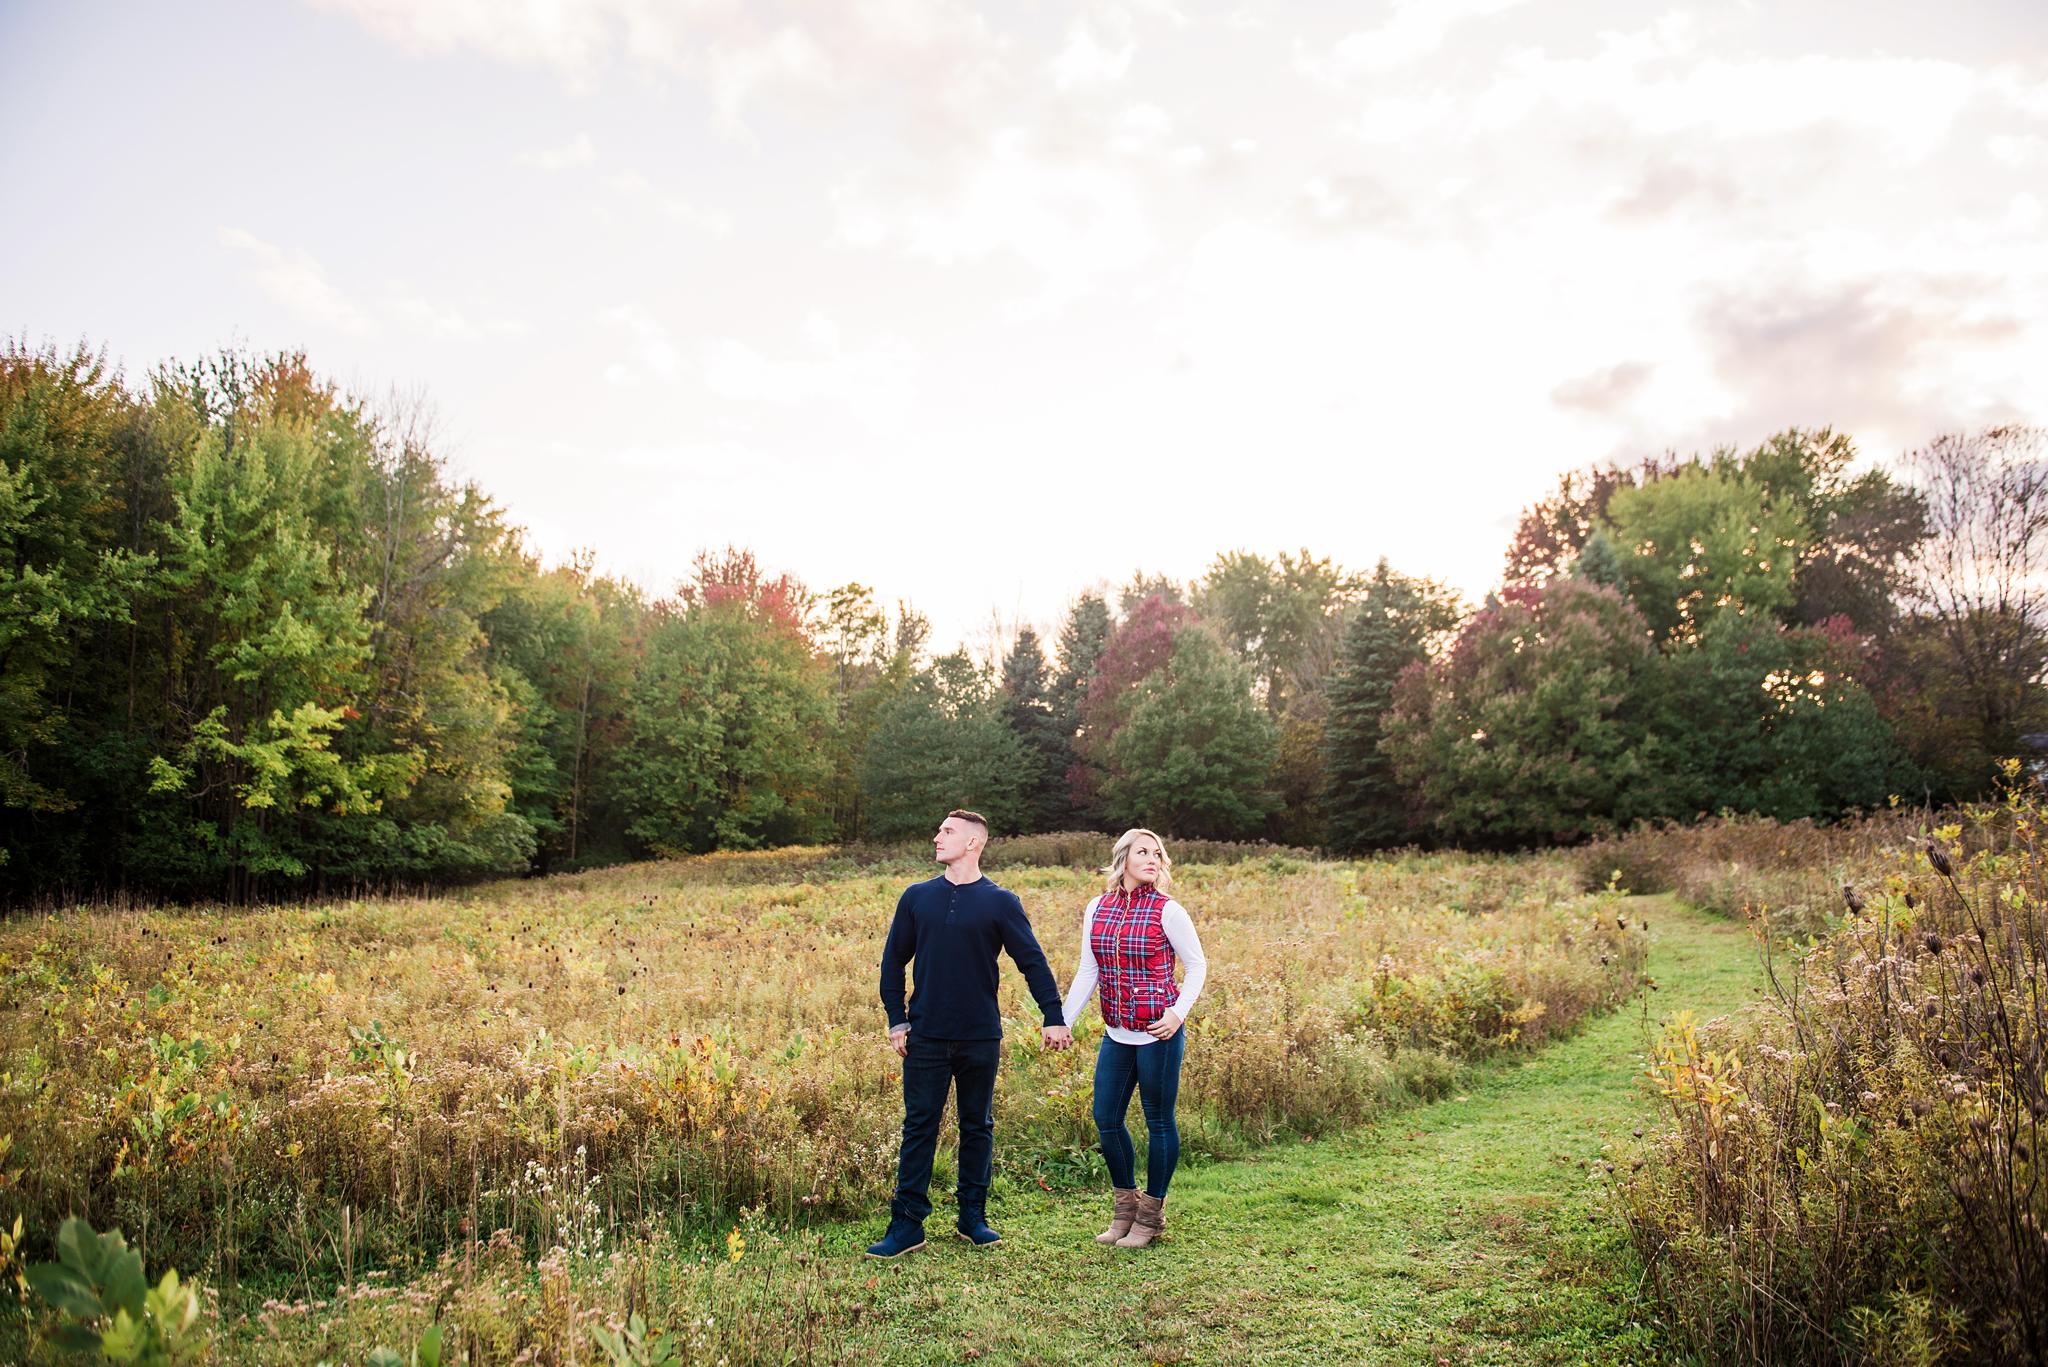 Tinker_Nature_Park_Rochester_Couples_Session_JILL_STUDIO_Rochester_NY_Photographer_DSC_4946.jpg